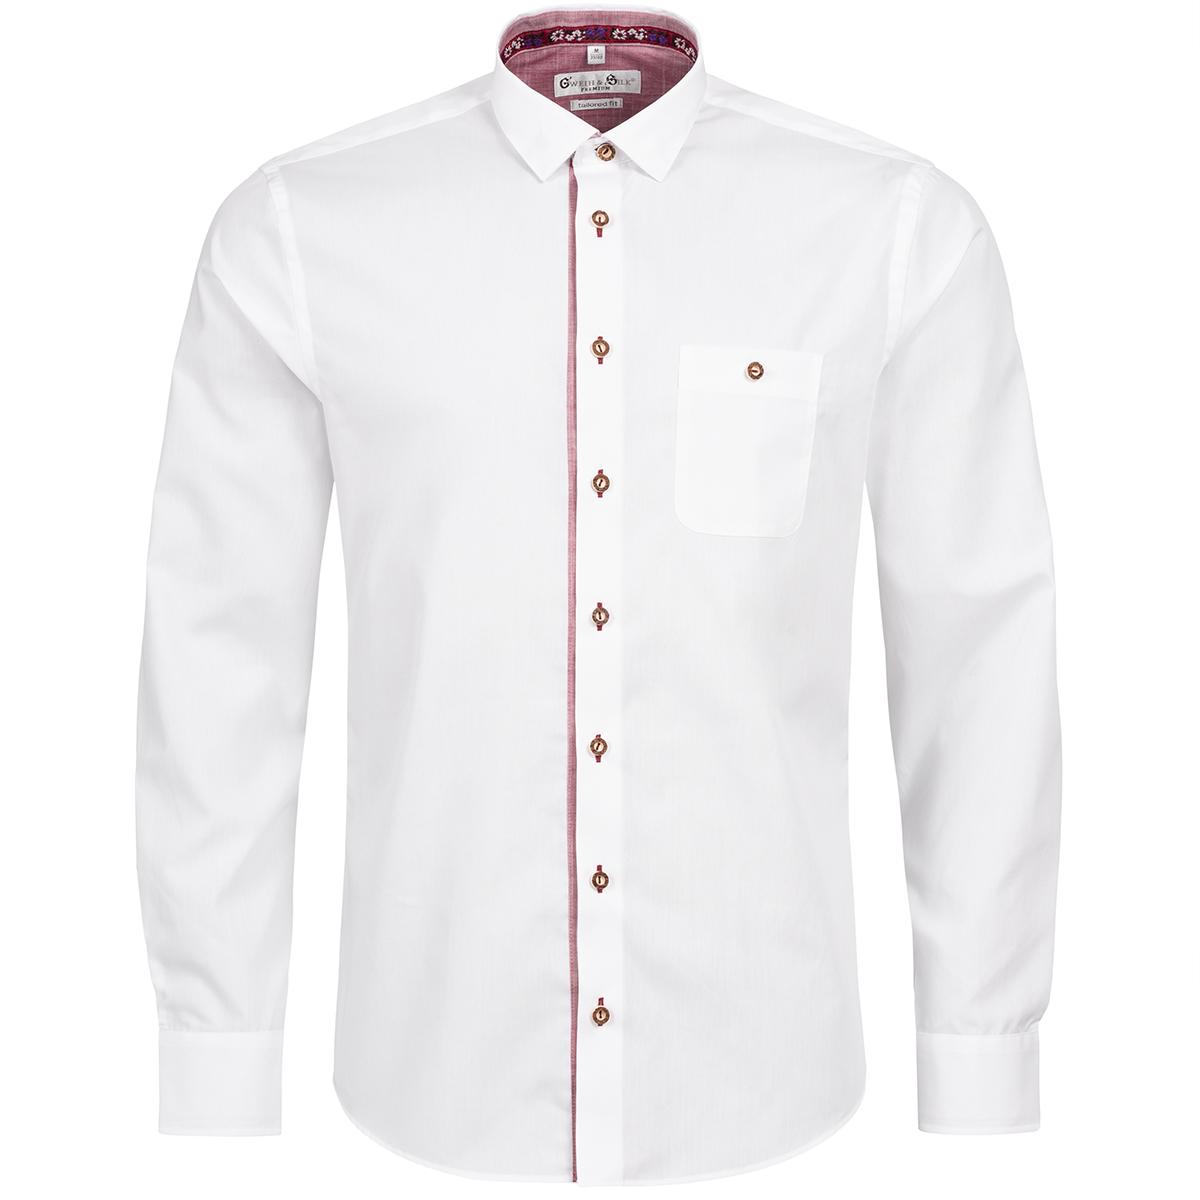 Trachtenhemd Body Fit Riessersee zweifarbig in Weiß und Rot von Gweih und Silk günstig online kaufen